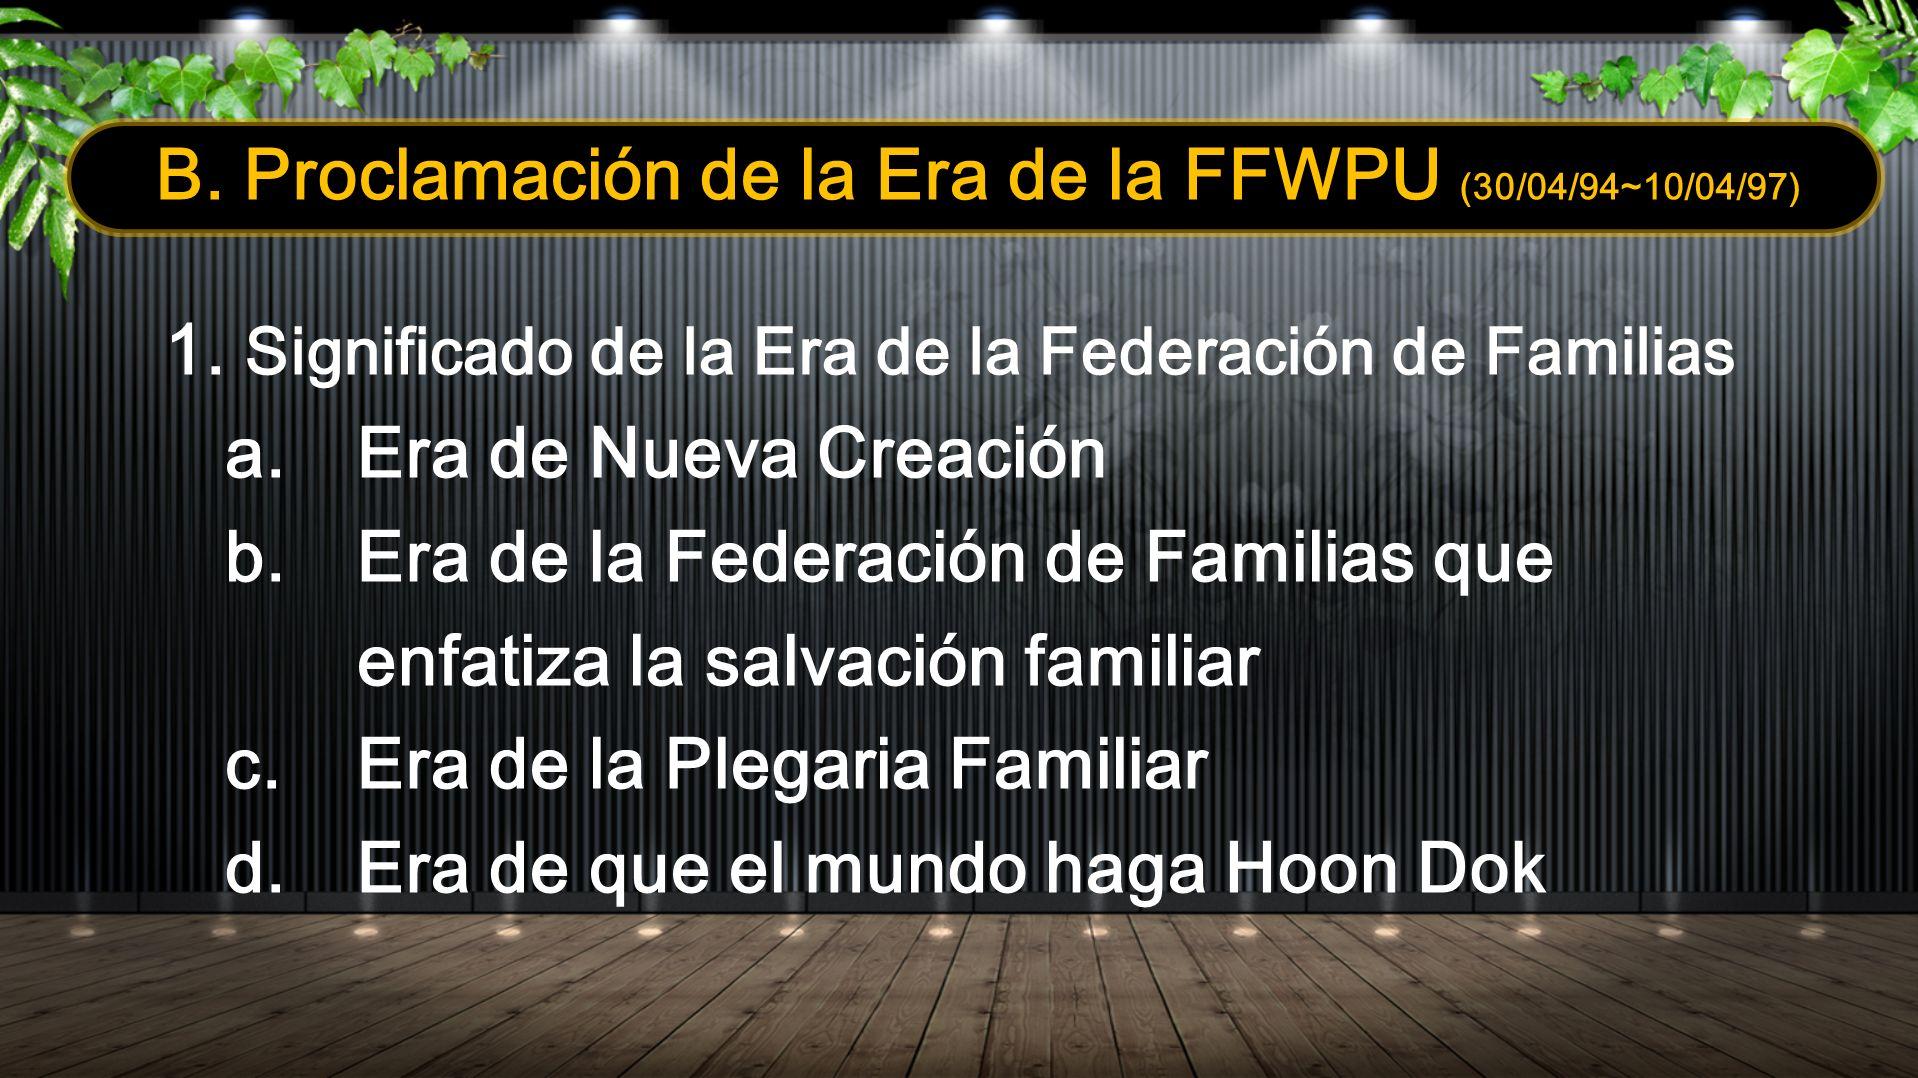 B. Proclamación de la Era de la FFWPU (30/04/94~10/04/97) 1. Significado de la Era de la Federación de Familias a.Era de Nueva Creación b.Era de la Fe